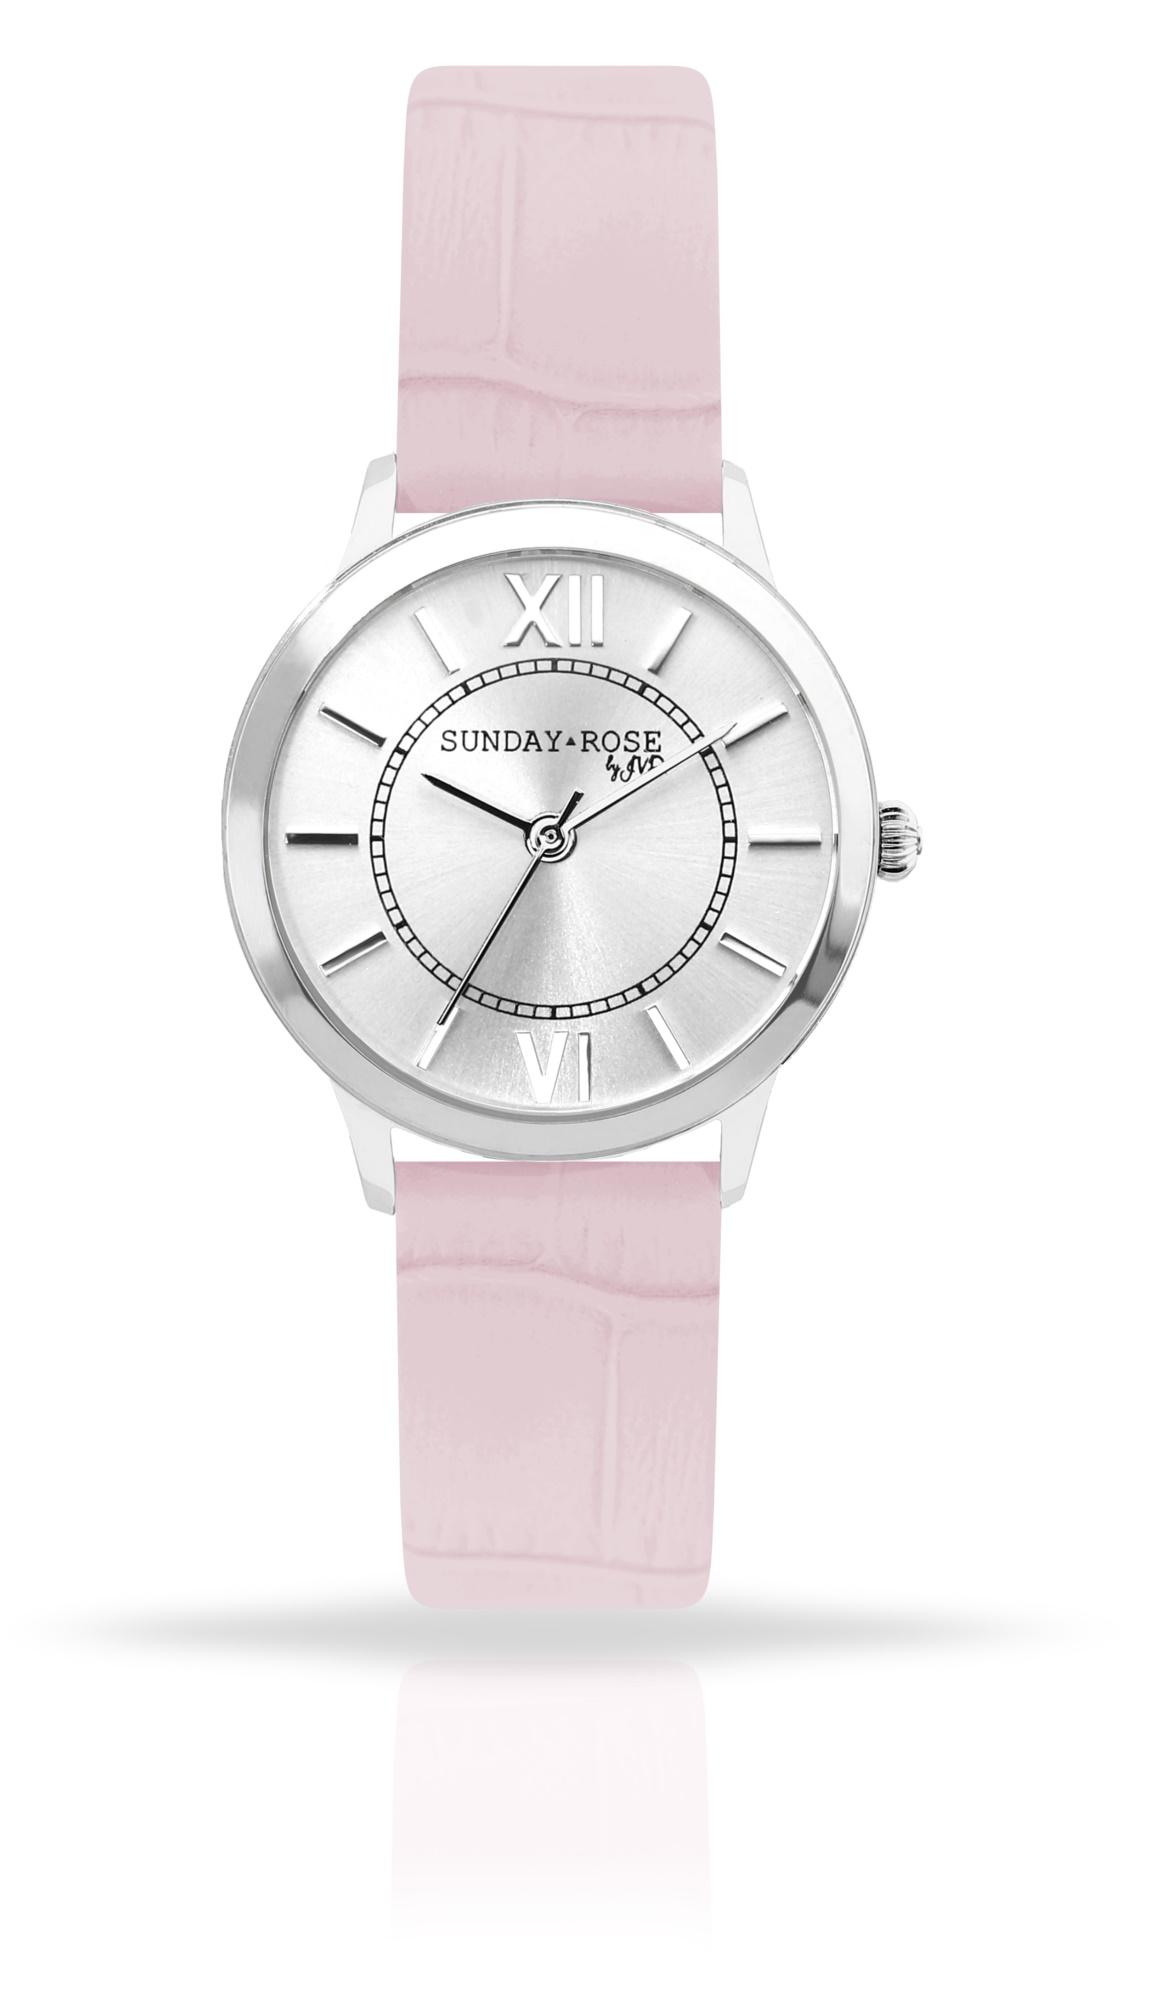 Dámské luxusní designové hodinky SUNDAY ROSE Darling SWEET PINK (POŠTOVNÉ  ZDARMA!! - růžové a233de116f